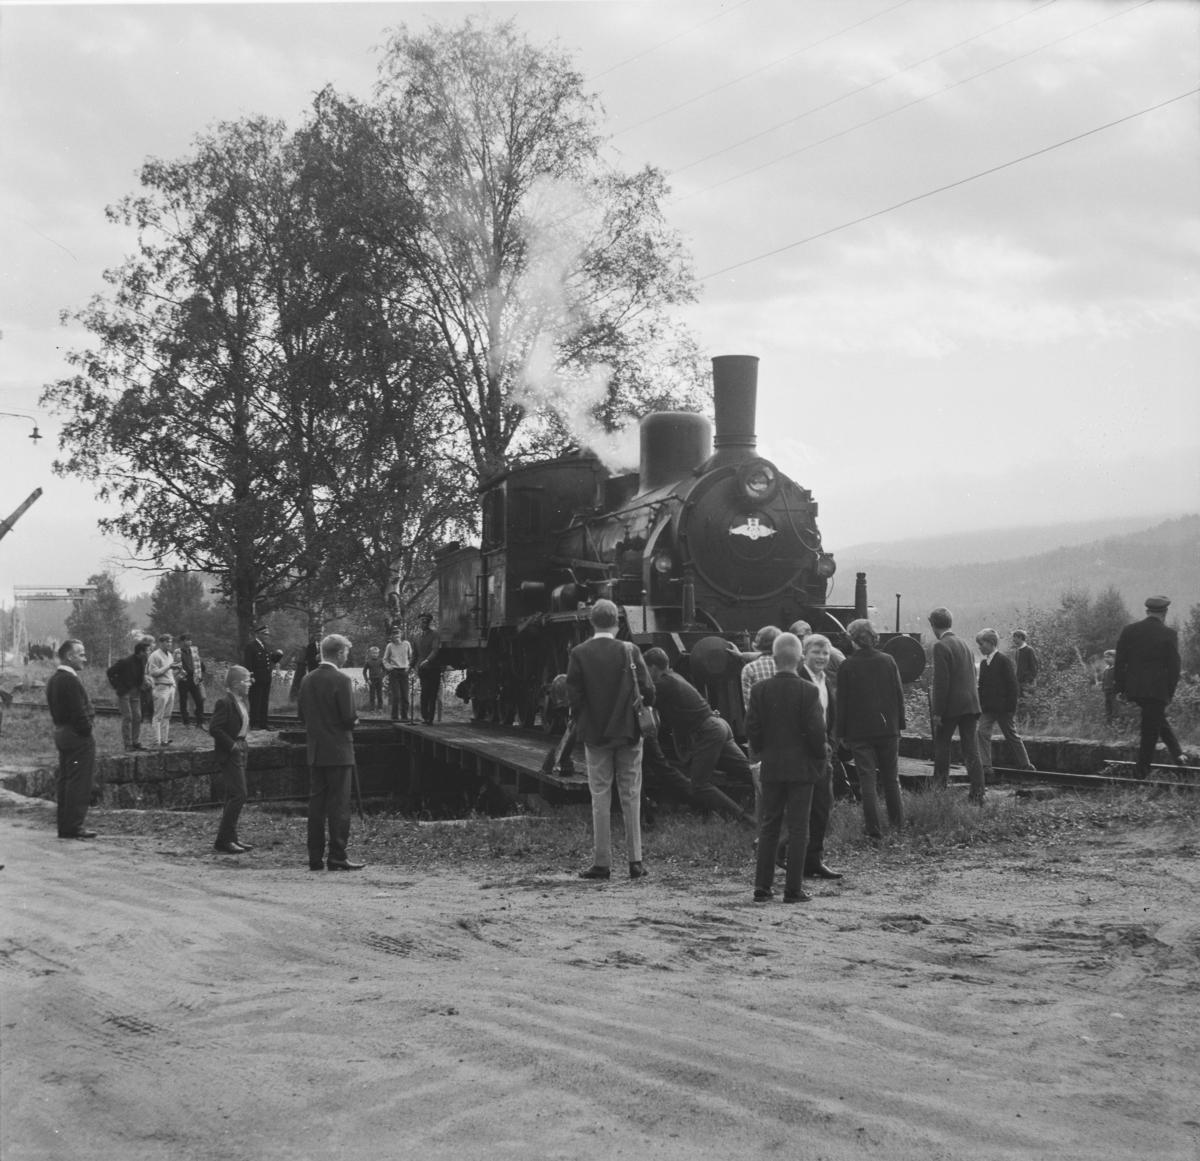 A/L Hølandsbanens veterantog har ankommet Krøderen stasjon. Damplok 18c 245 snus på svingskiven.